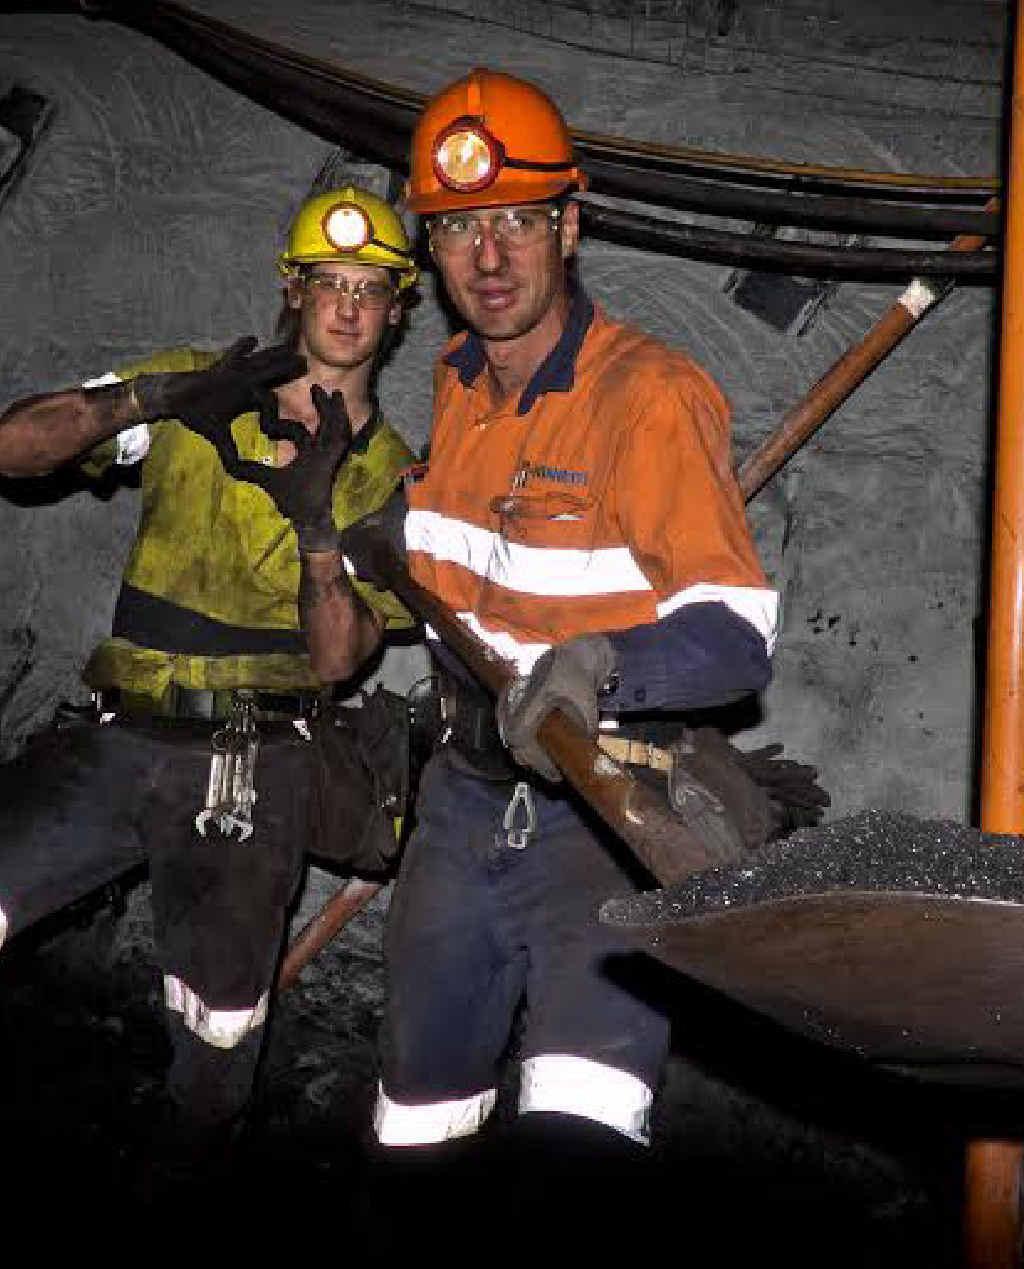 THUMBS UP: Kinnect employees enjoying work on site.